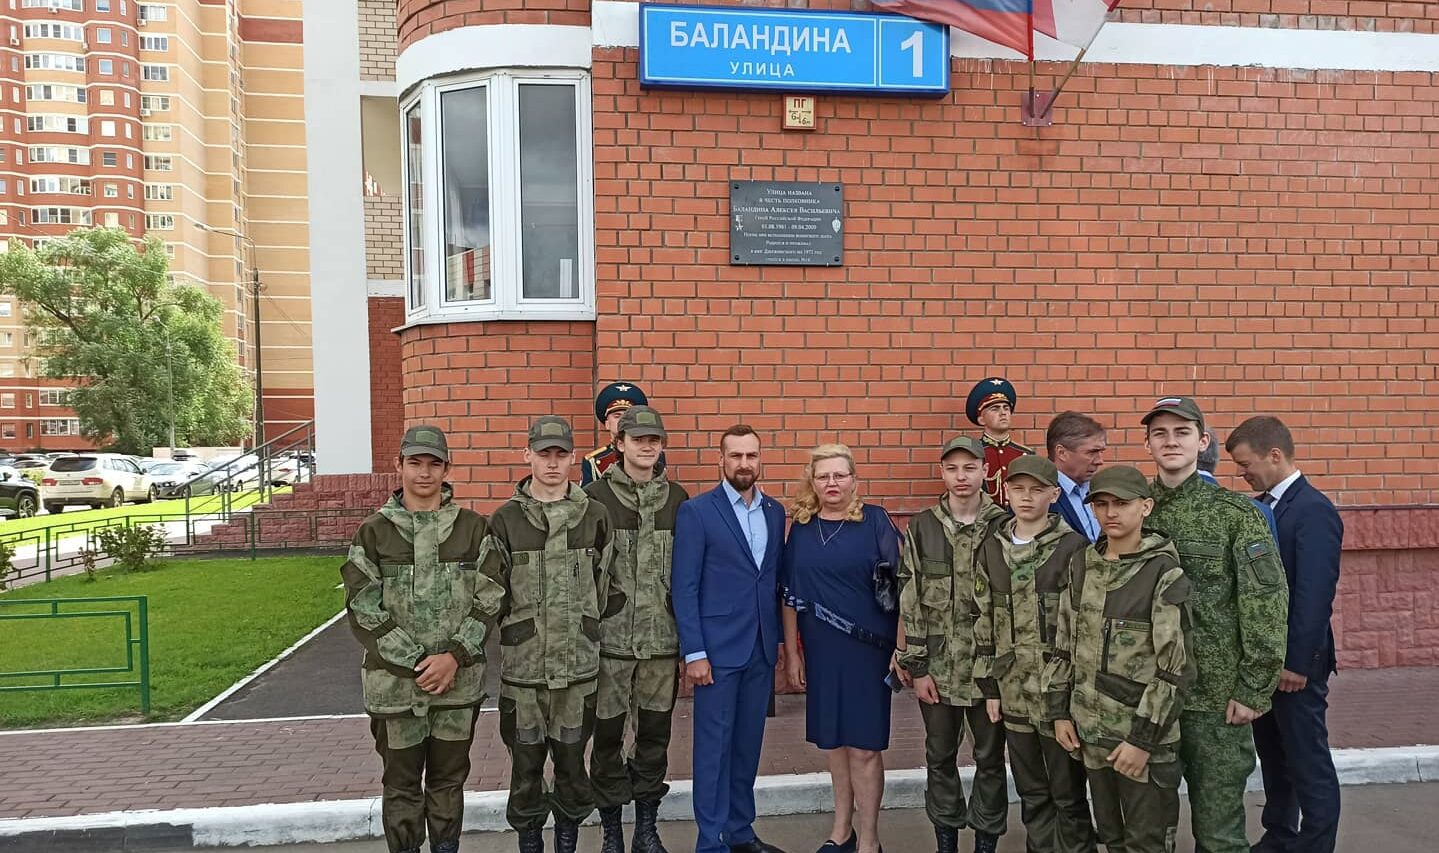 Торжественное открытие мемориальной доски в память о Герое России Баландине А.В.